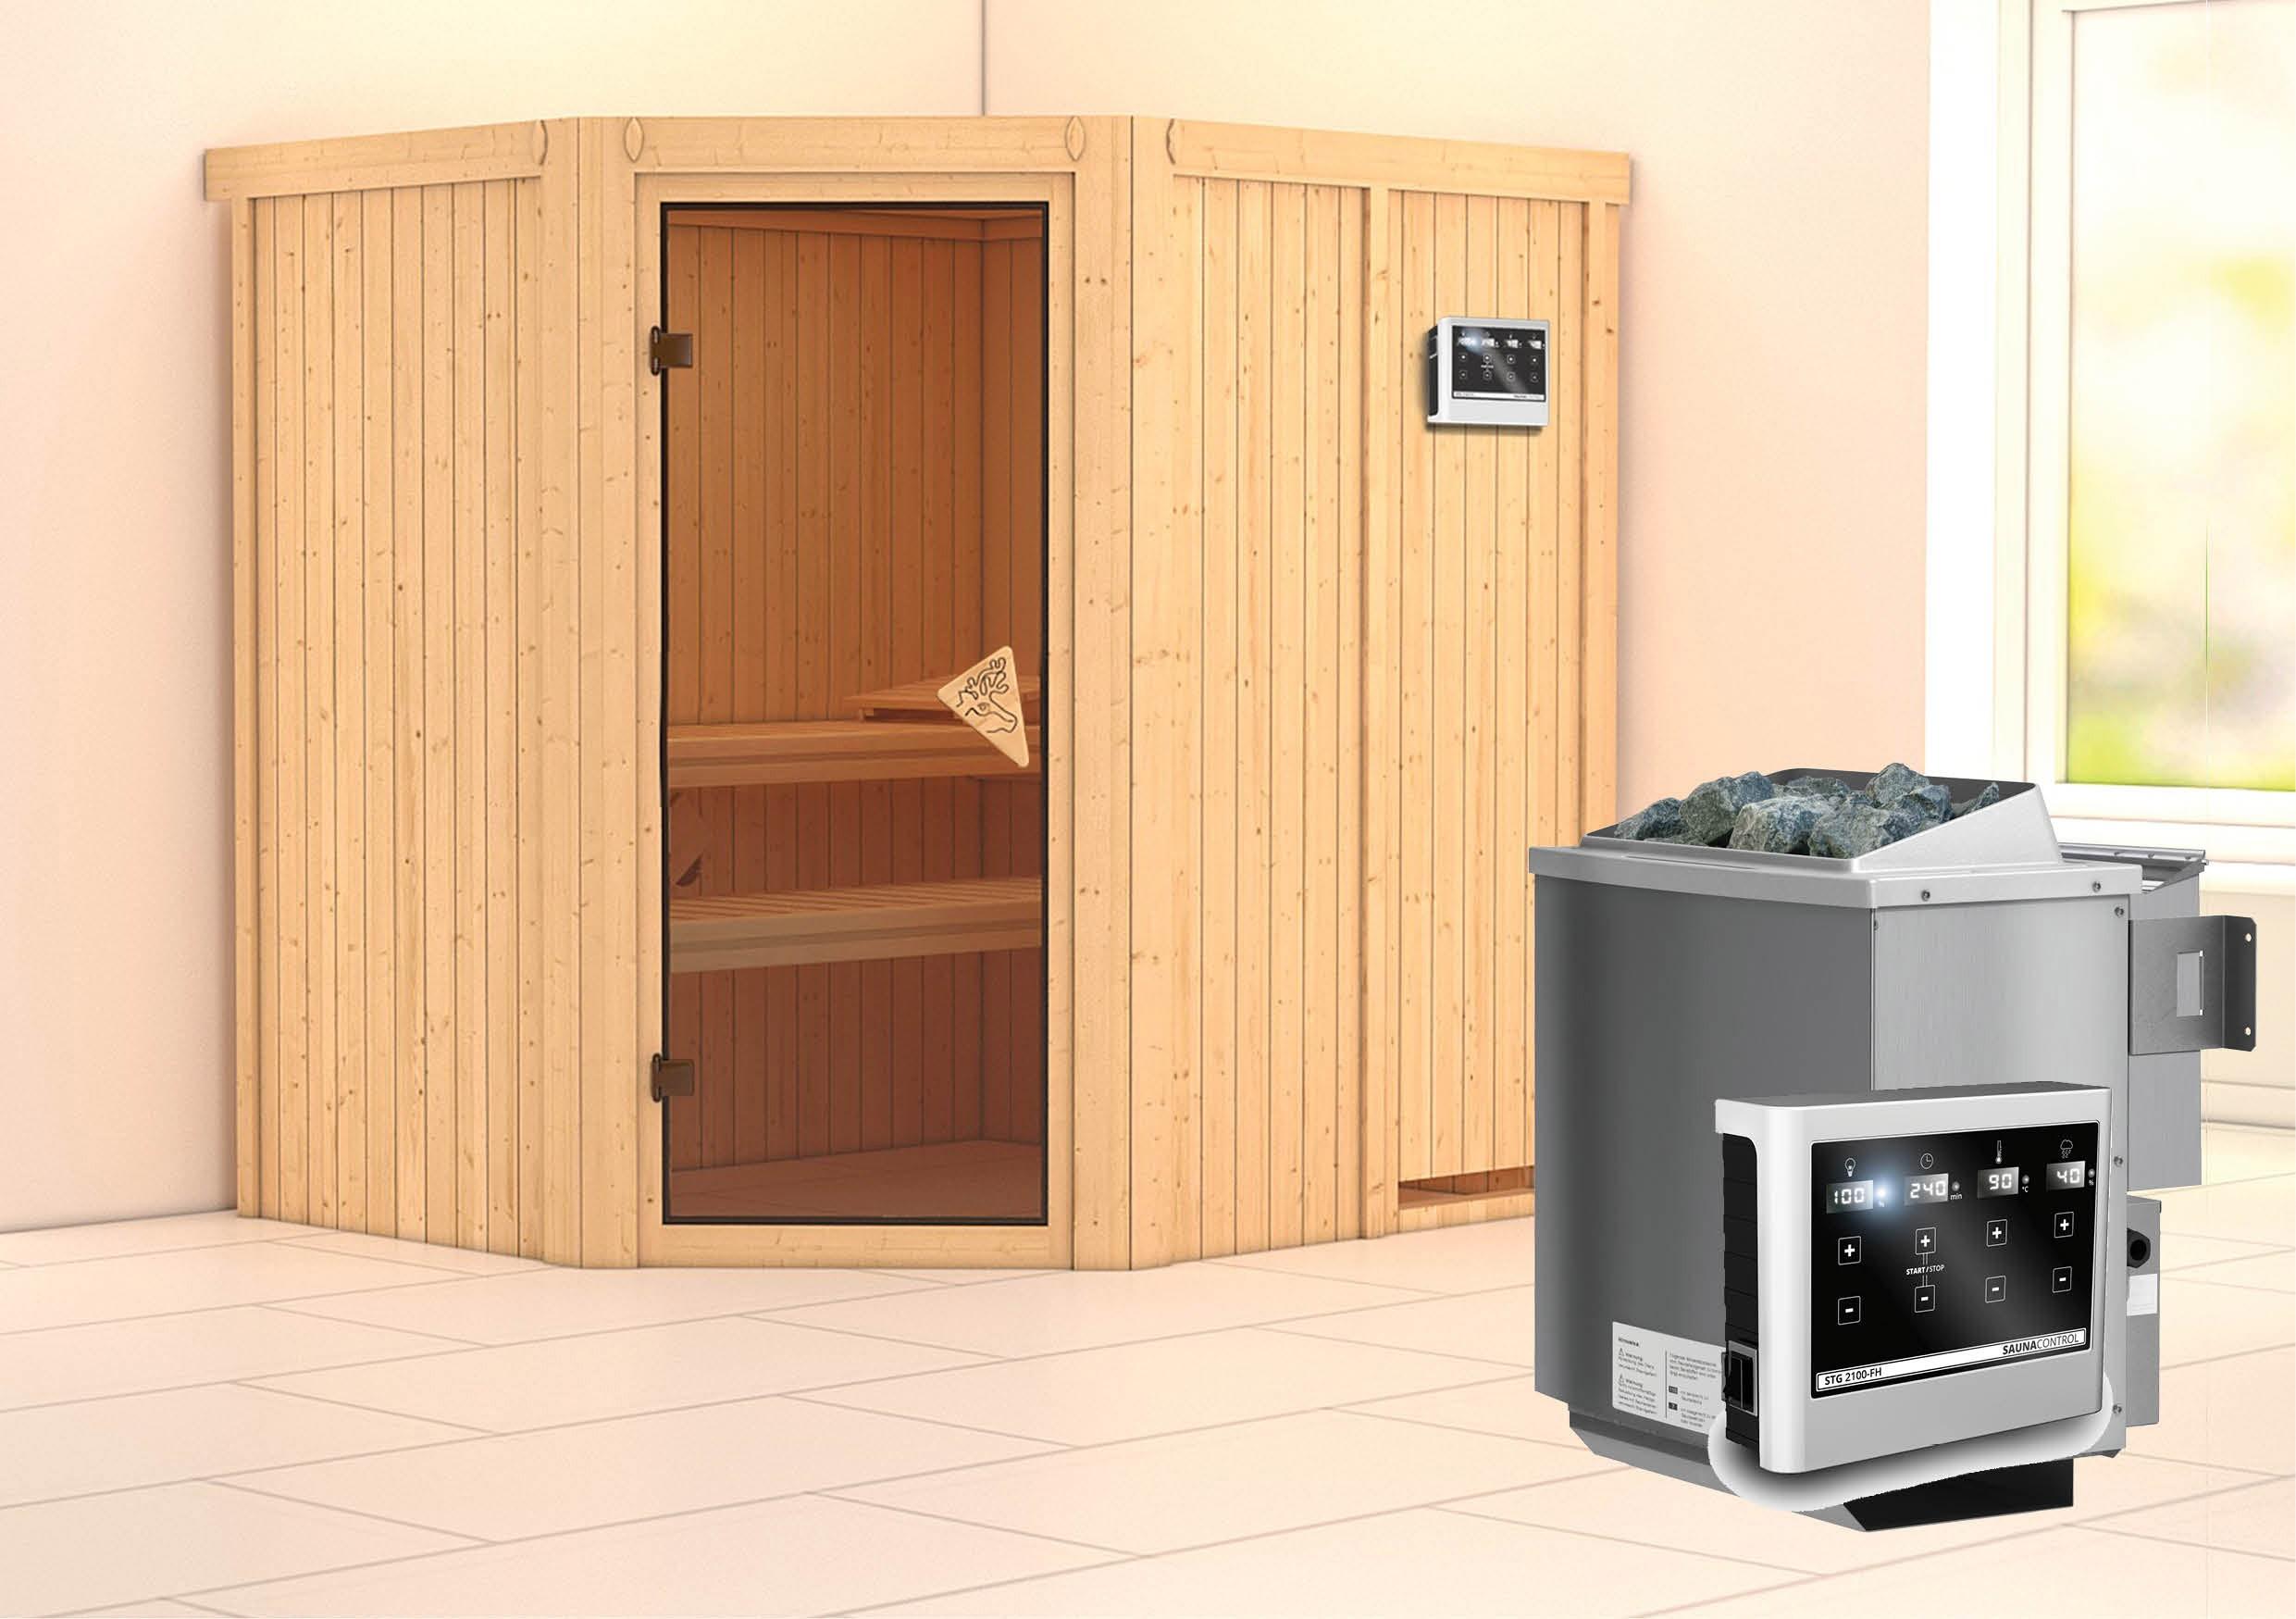 Karibu Sauna Siirin 68mm mit Bio Ofen 9kW extern classic Tür Bild 1